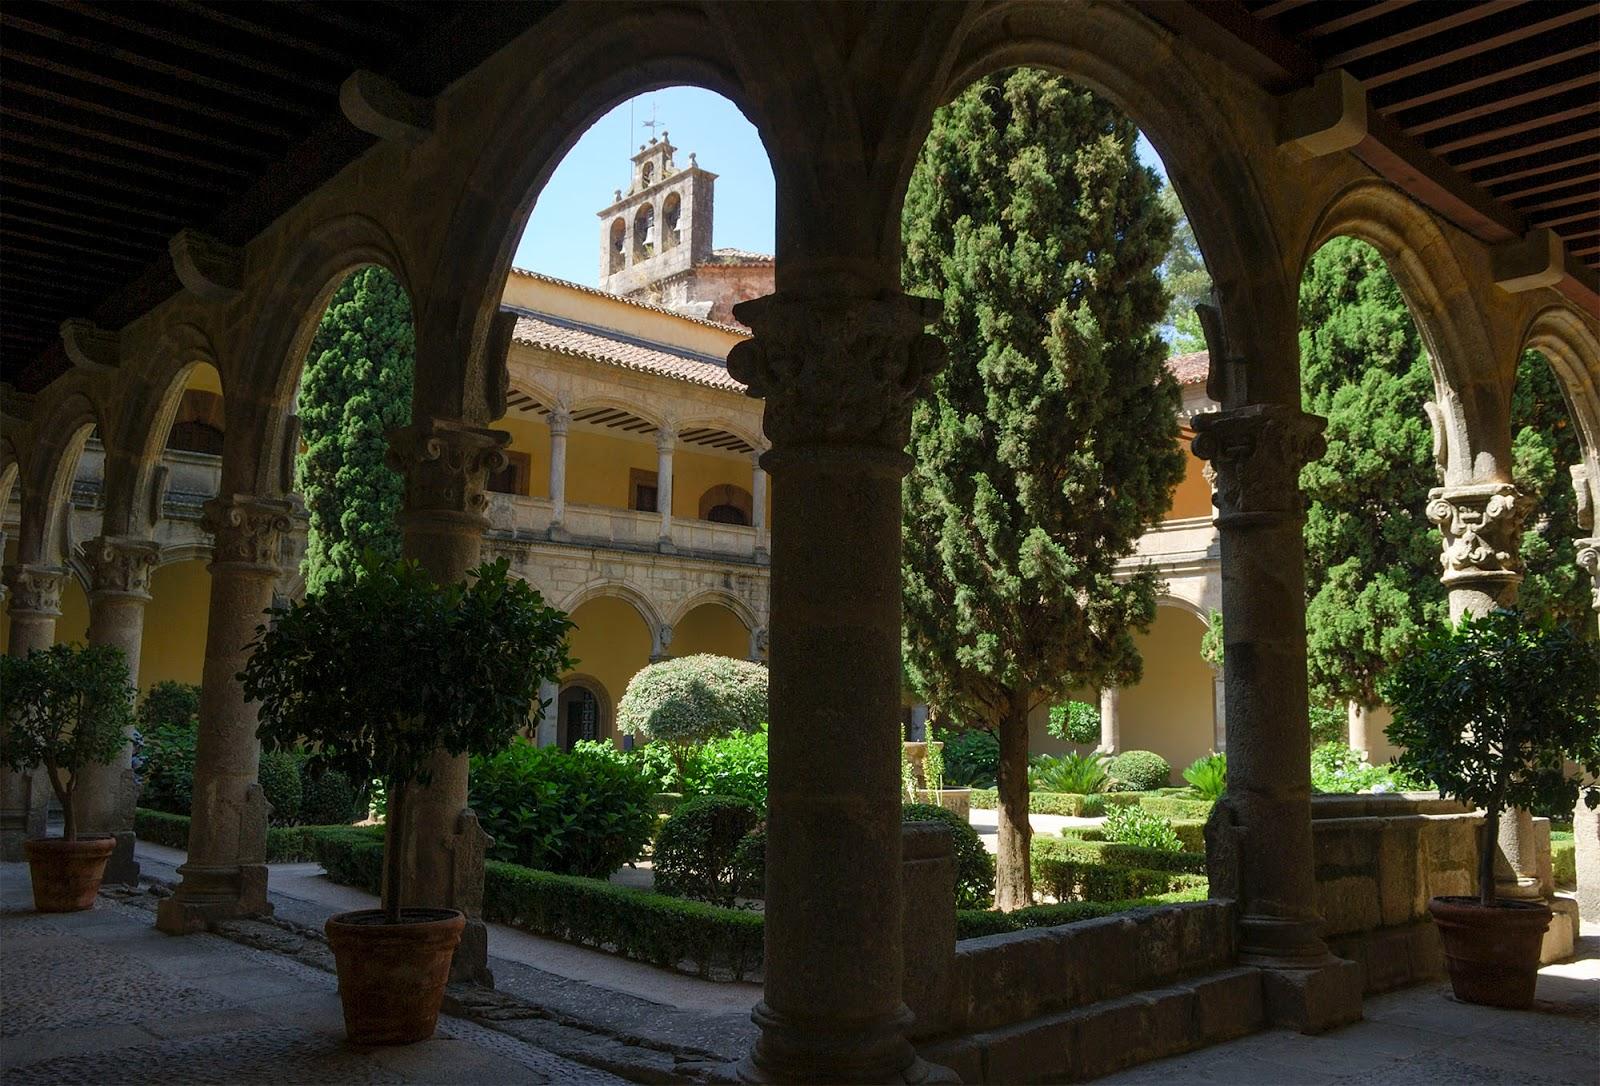 monasterio yuste carlos V cuacos caceres extremadura